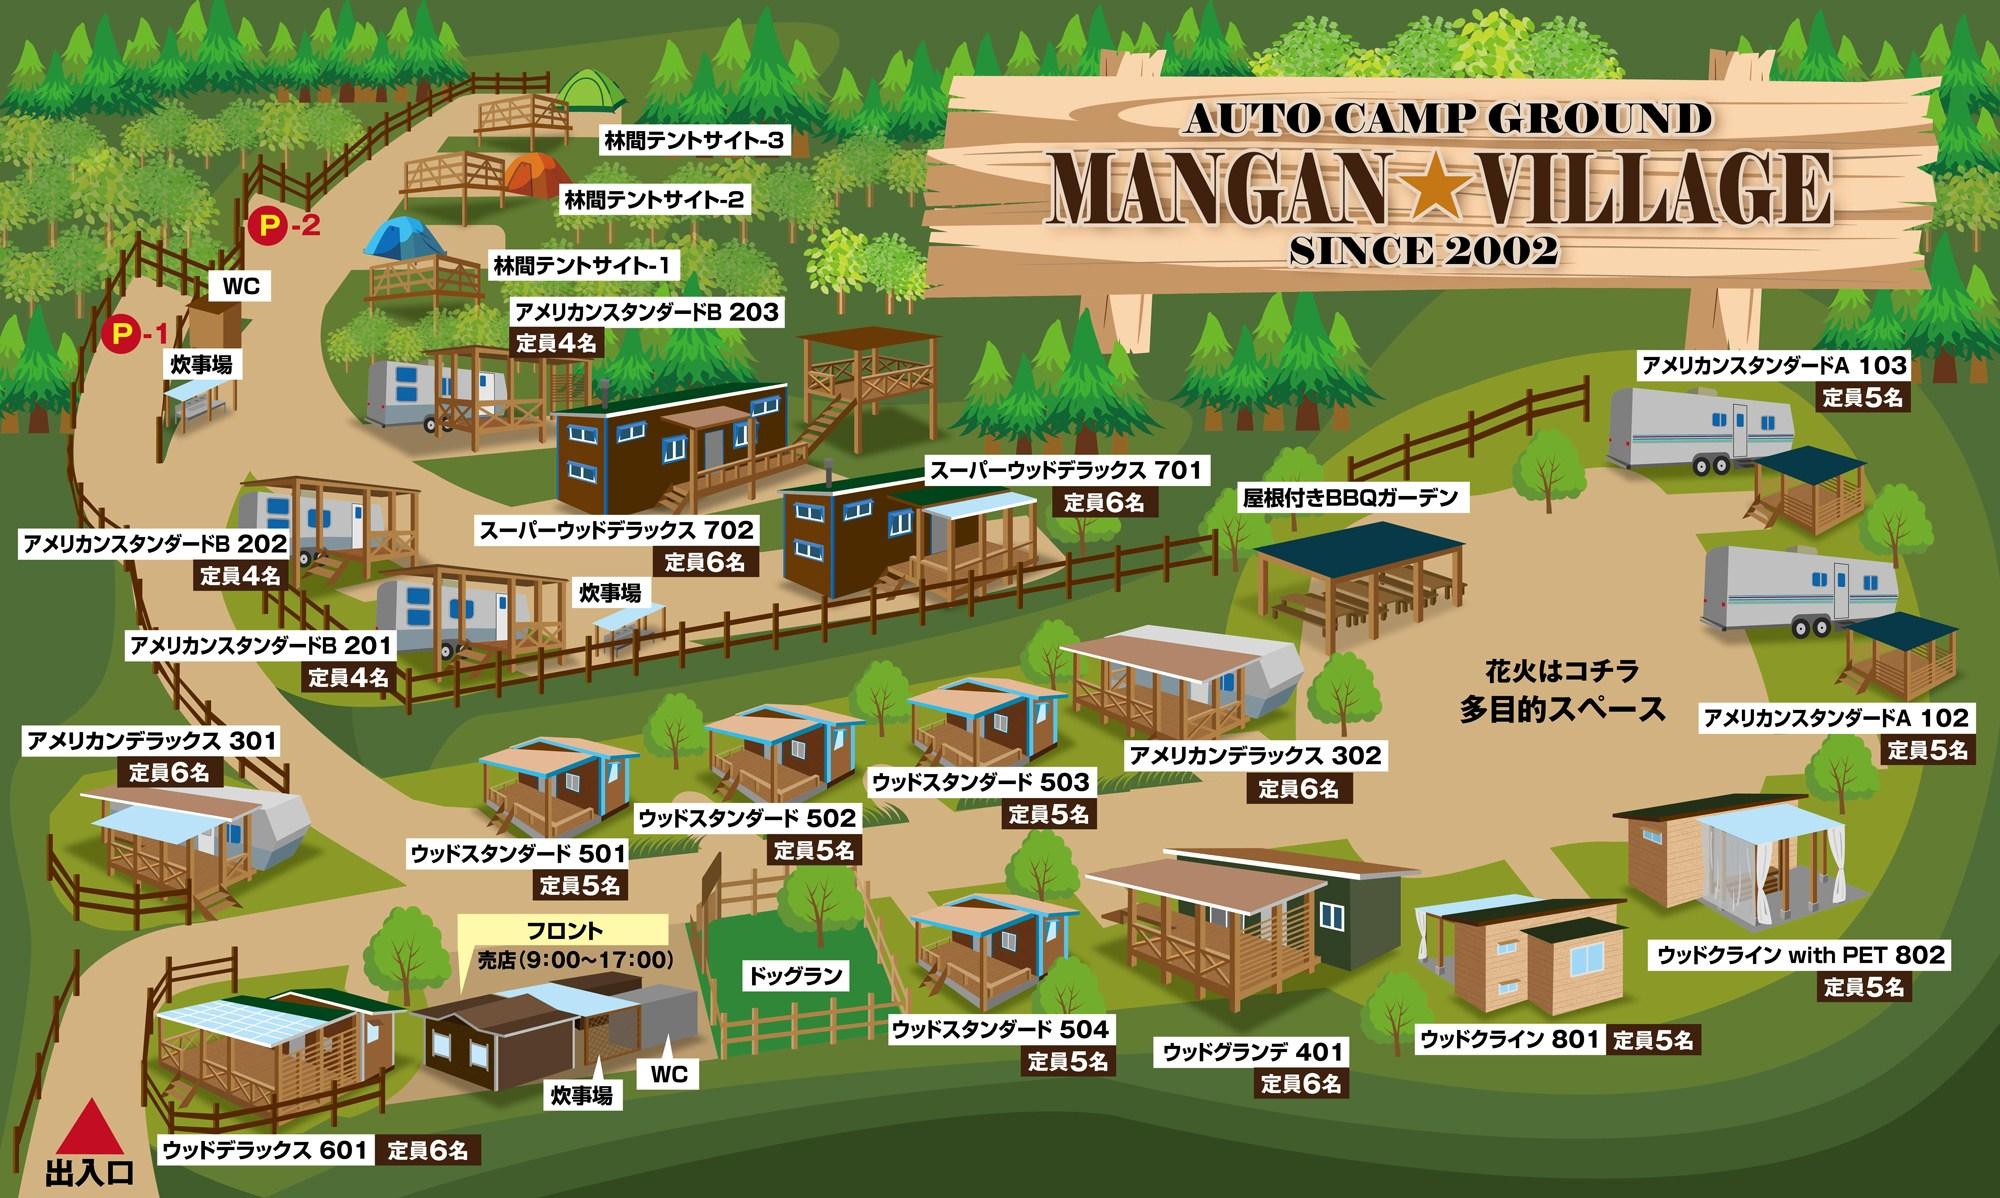 満願ビレッジオートキャンプ場 マップ